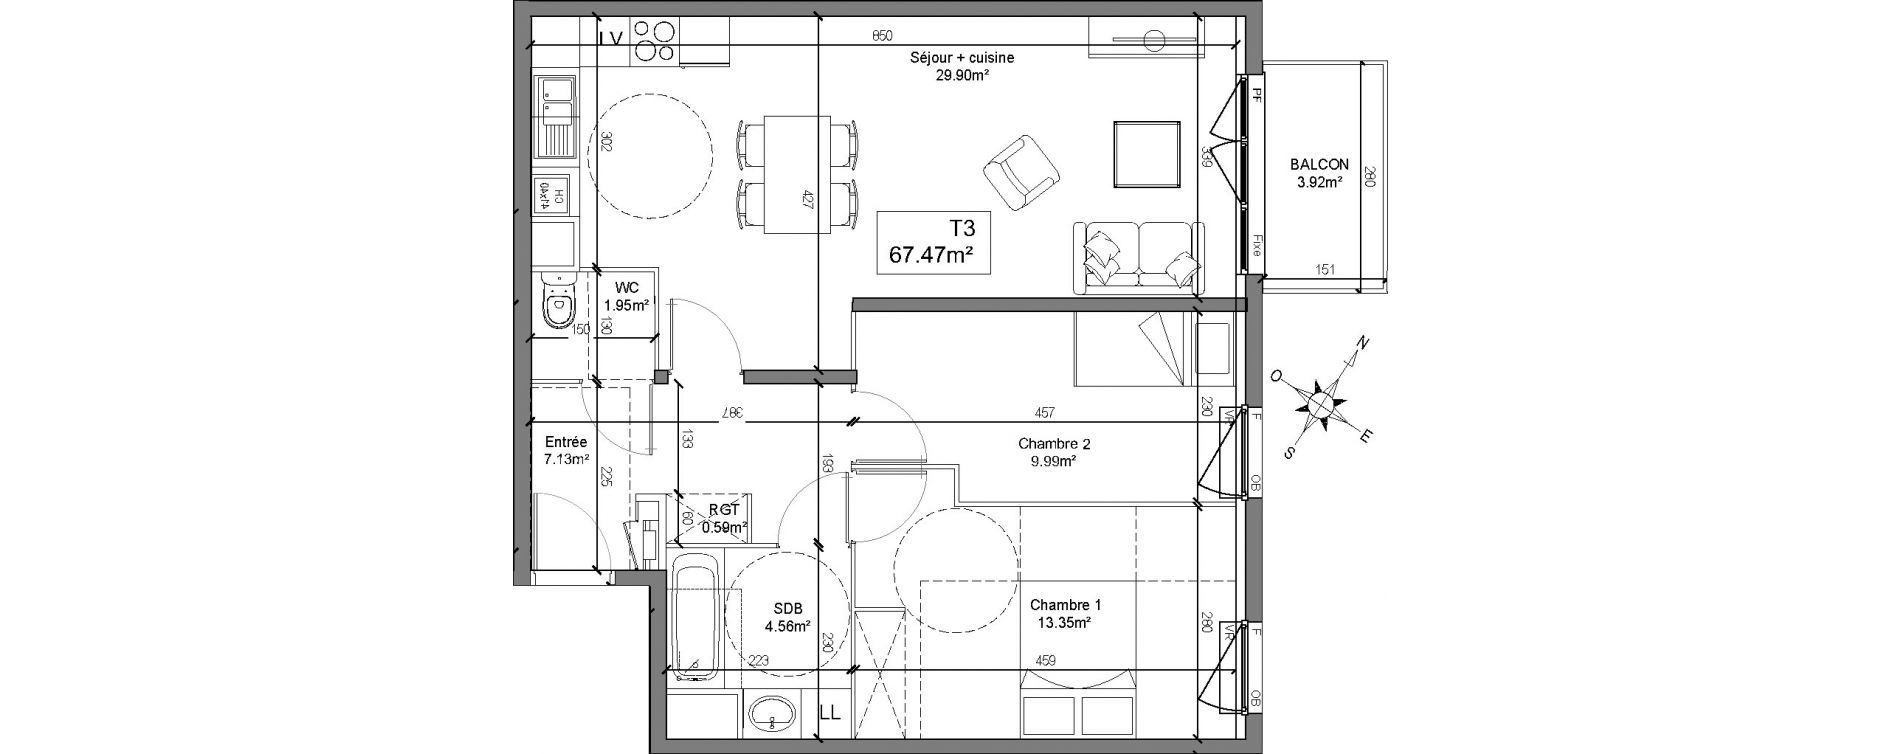 Appartement T3 de 67,47 m2 à Linselles Centre